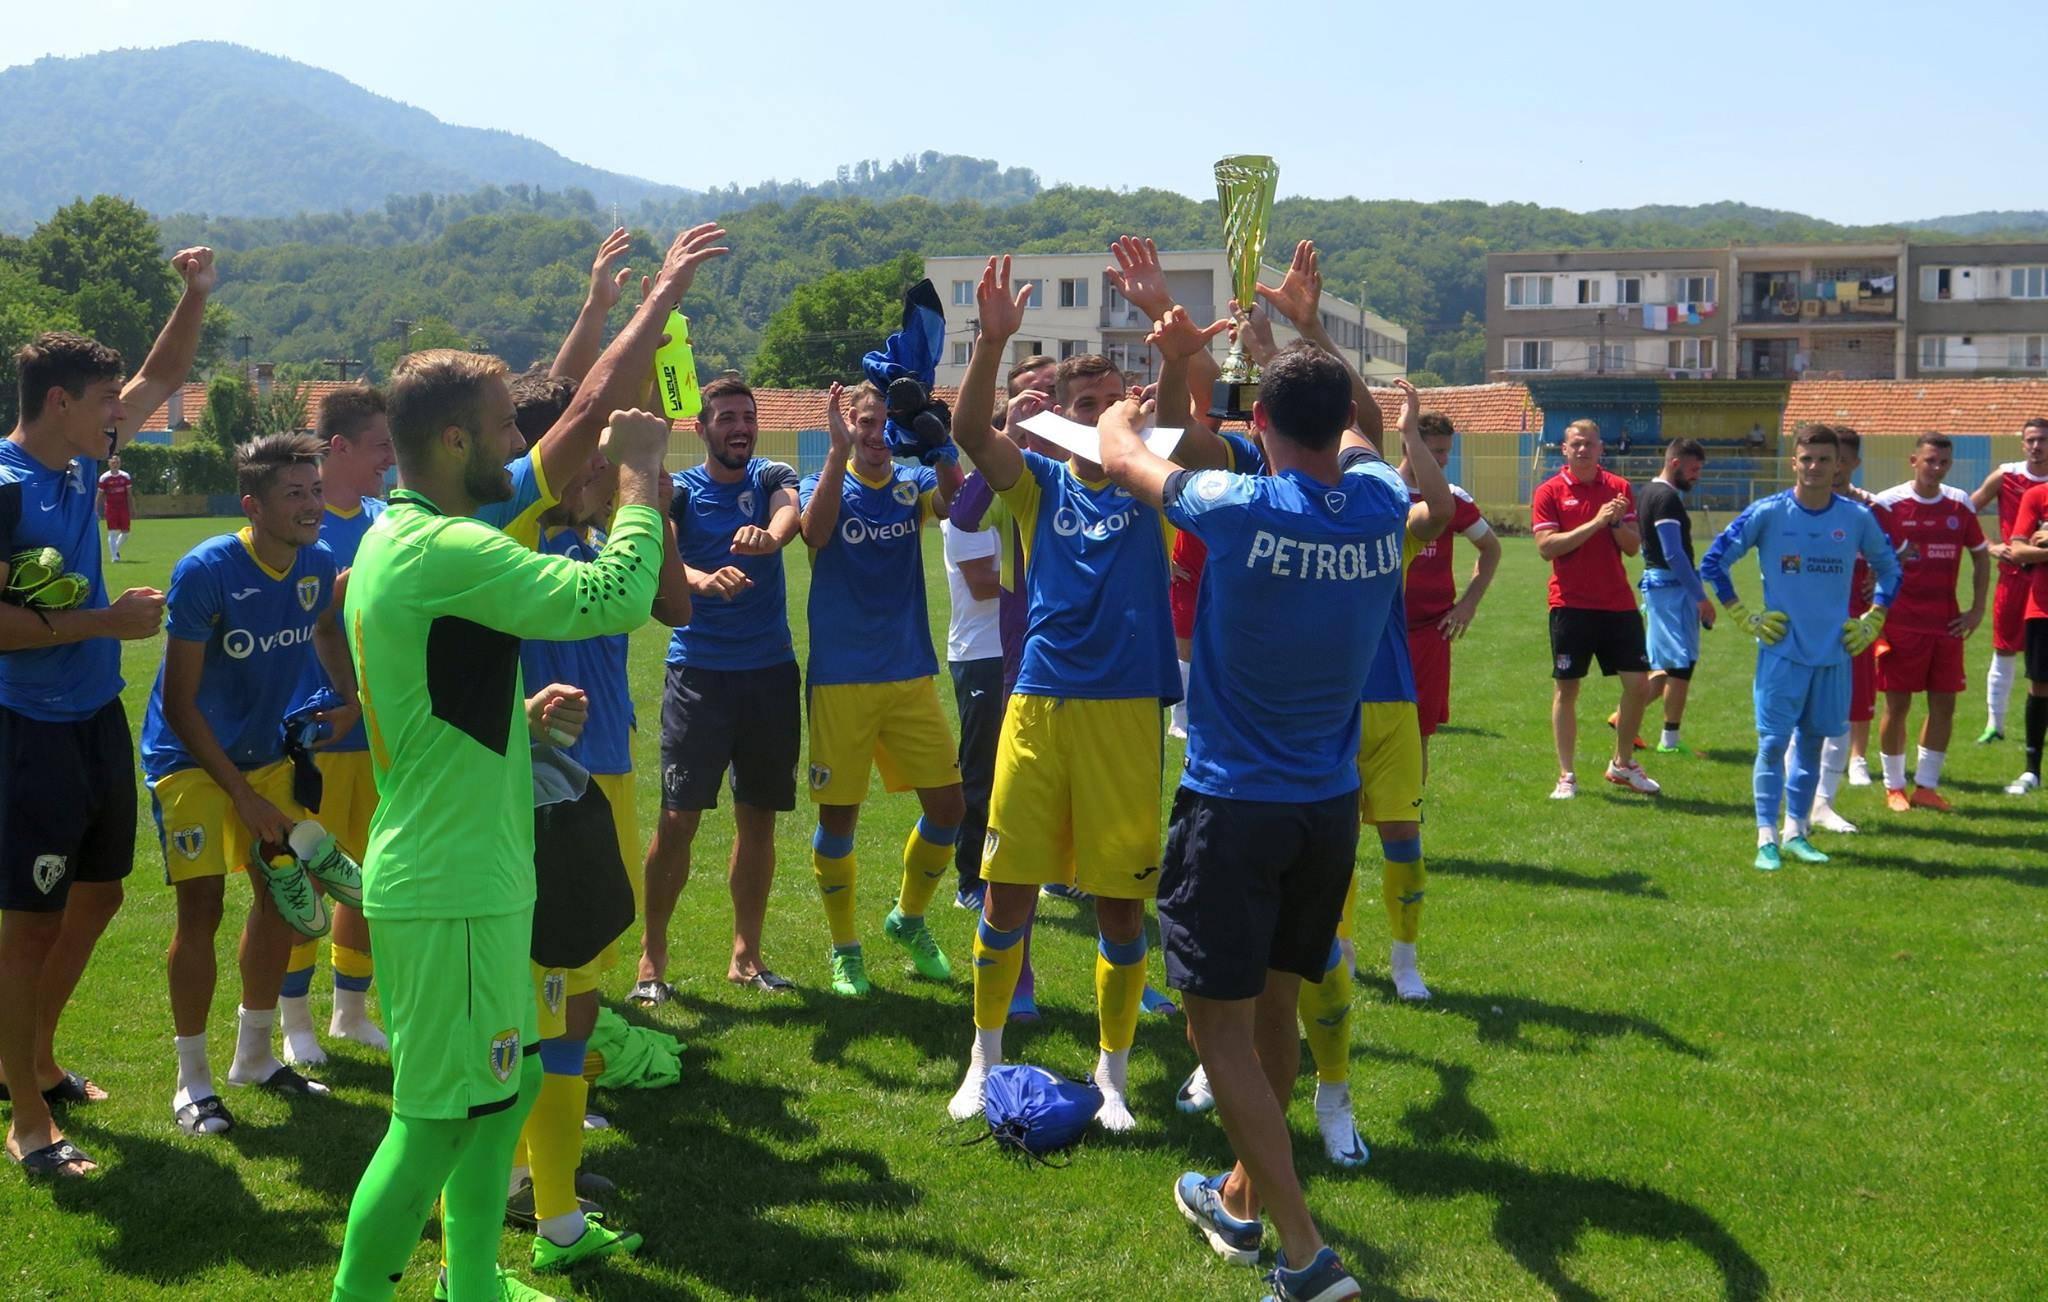 Final de cantonament montan cu o cupă și diplome! FC Petrolul a câștigat, fără gol primit, trofeul Nicolae Pescaru